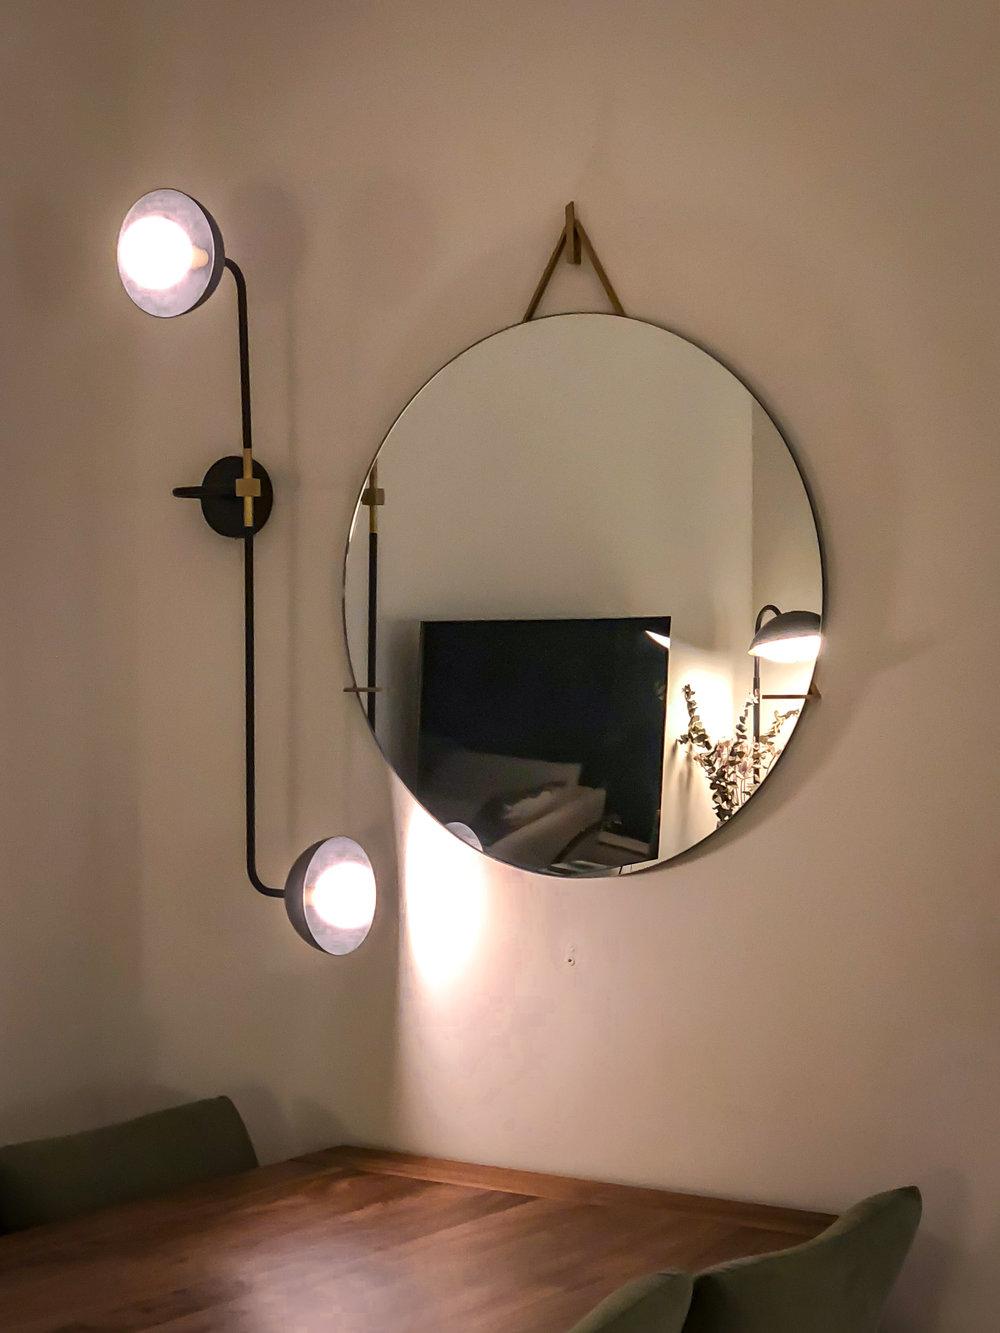 Manhattan Condo Interior Design